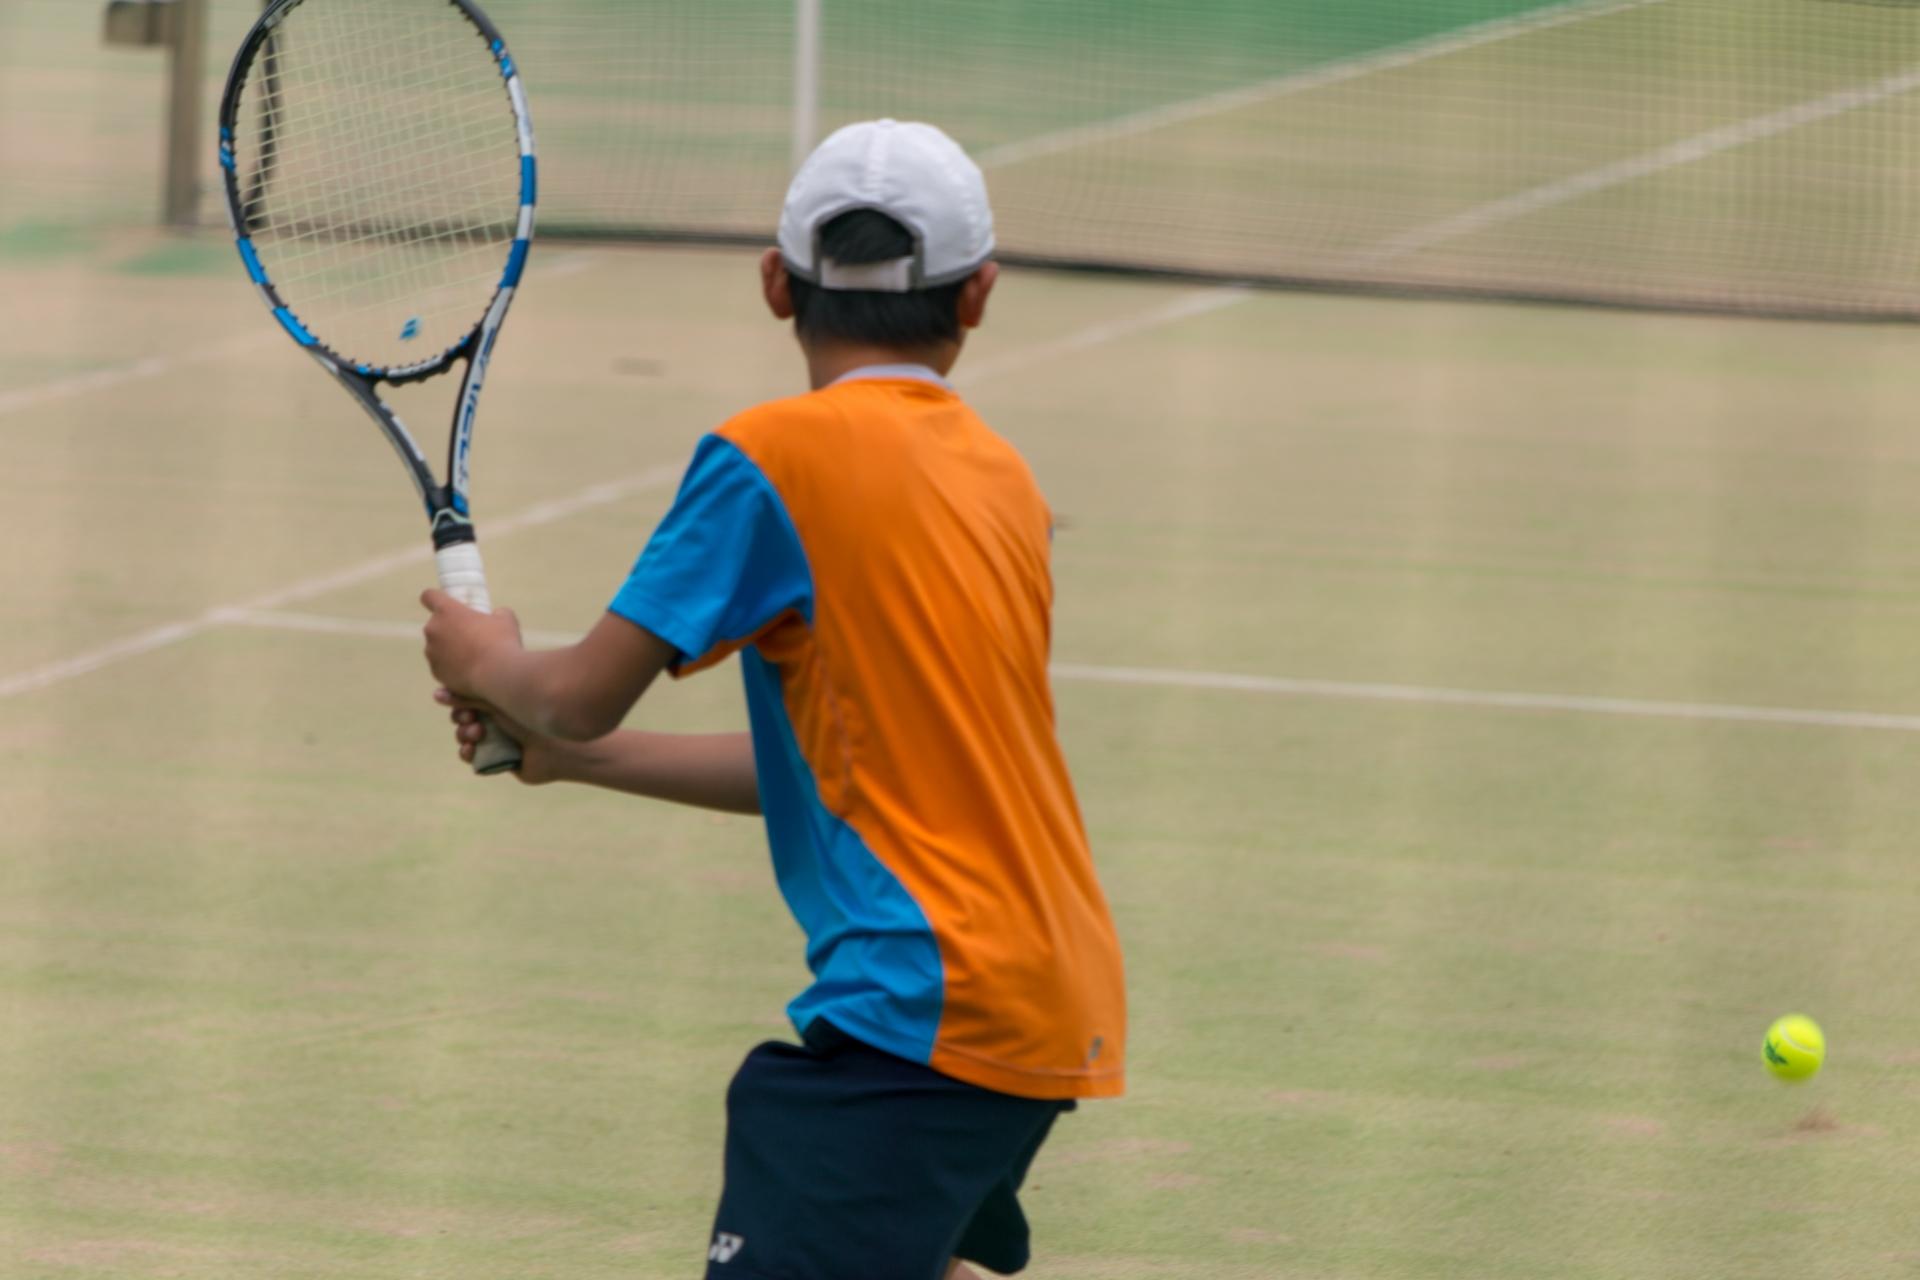 テニスのスイングする学生